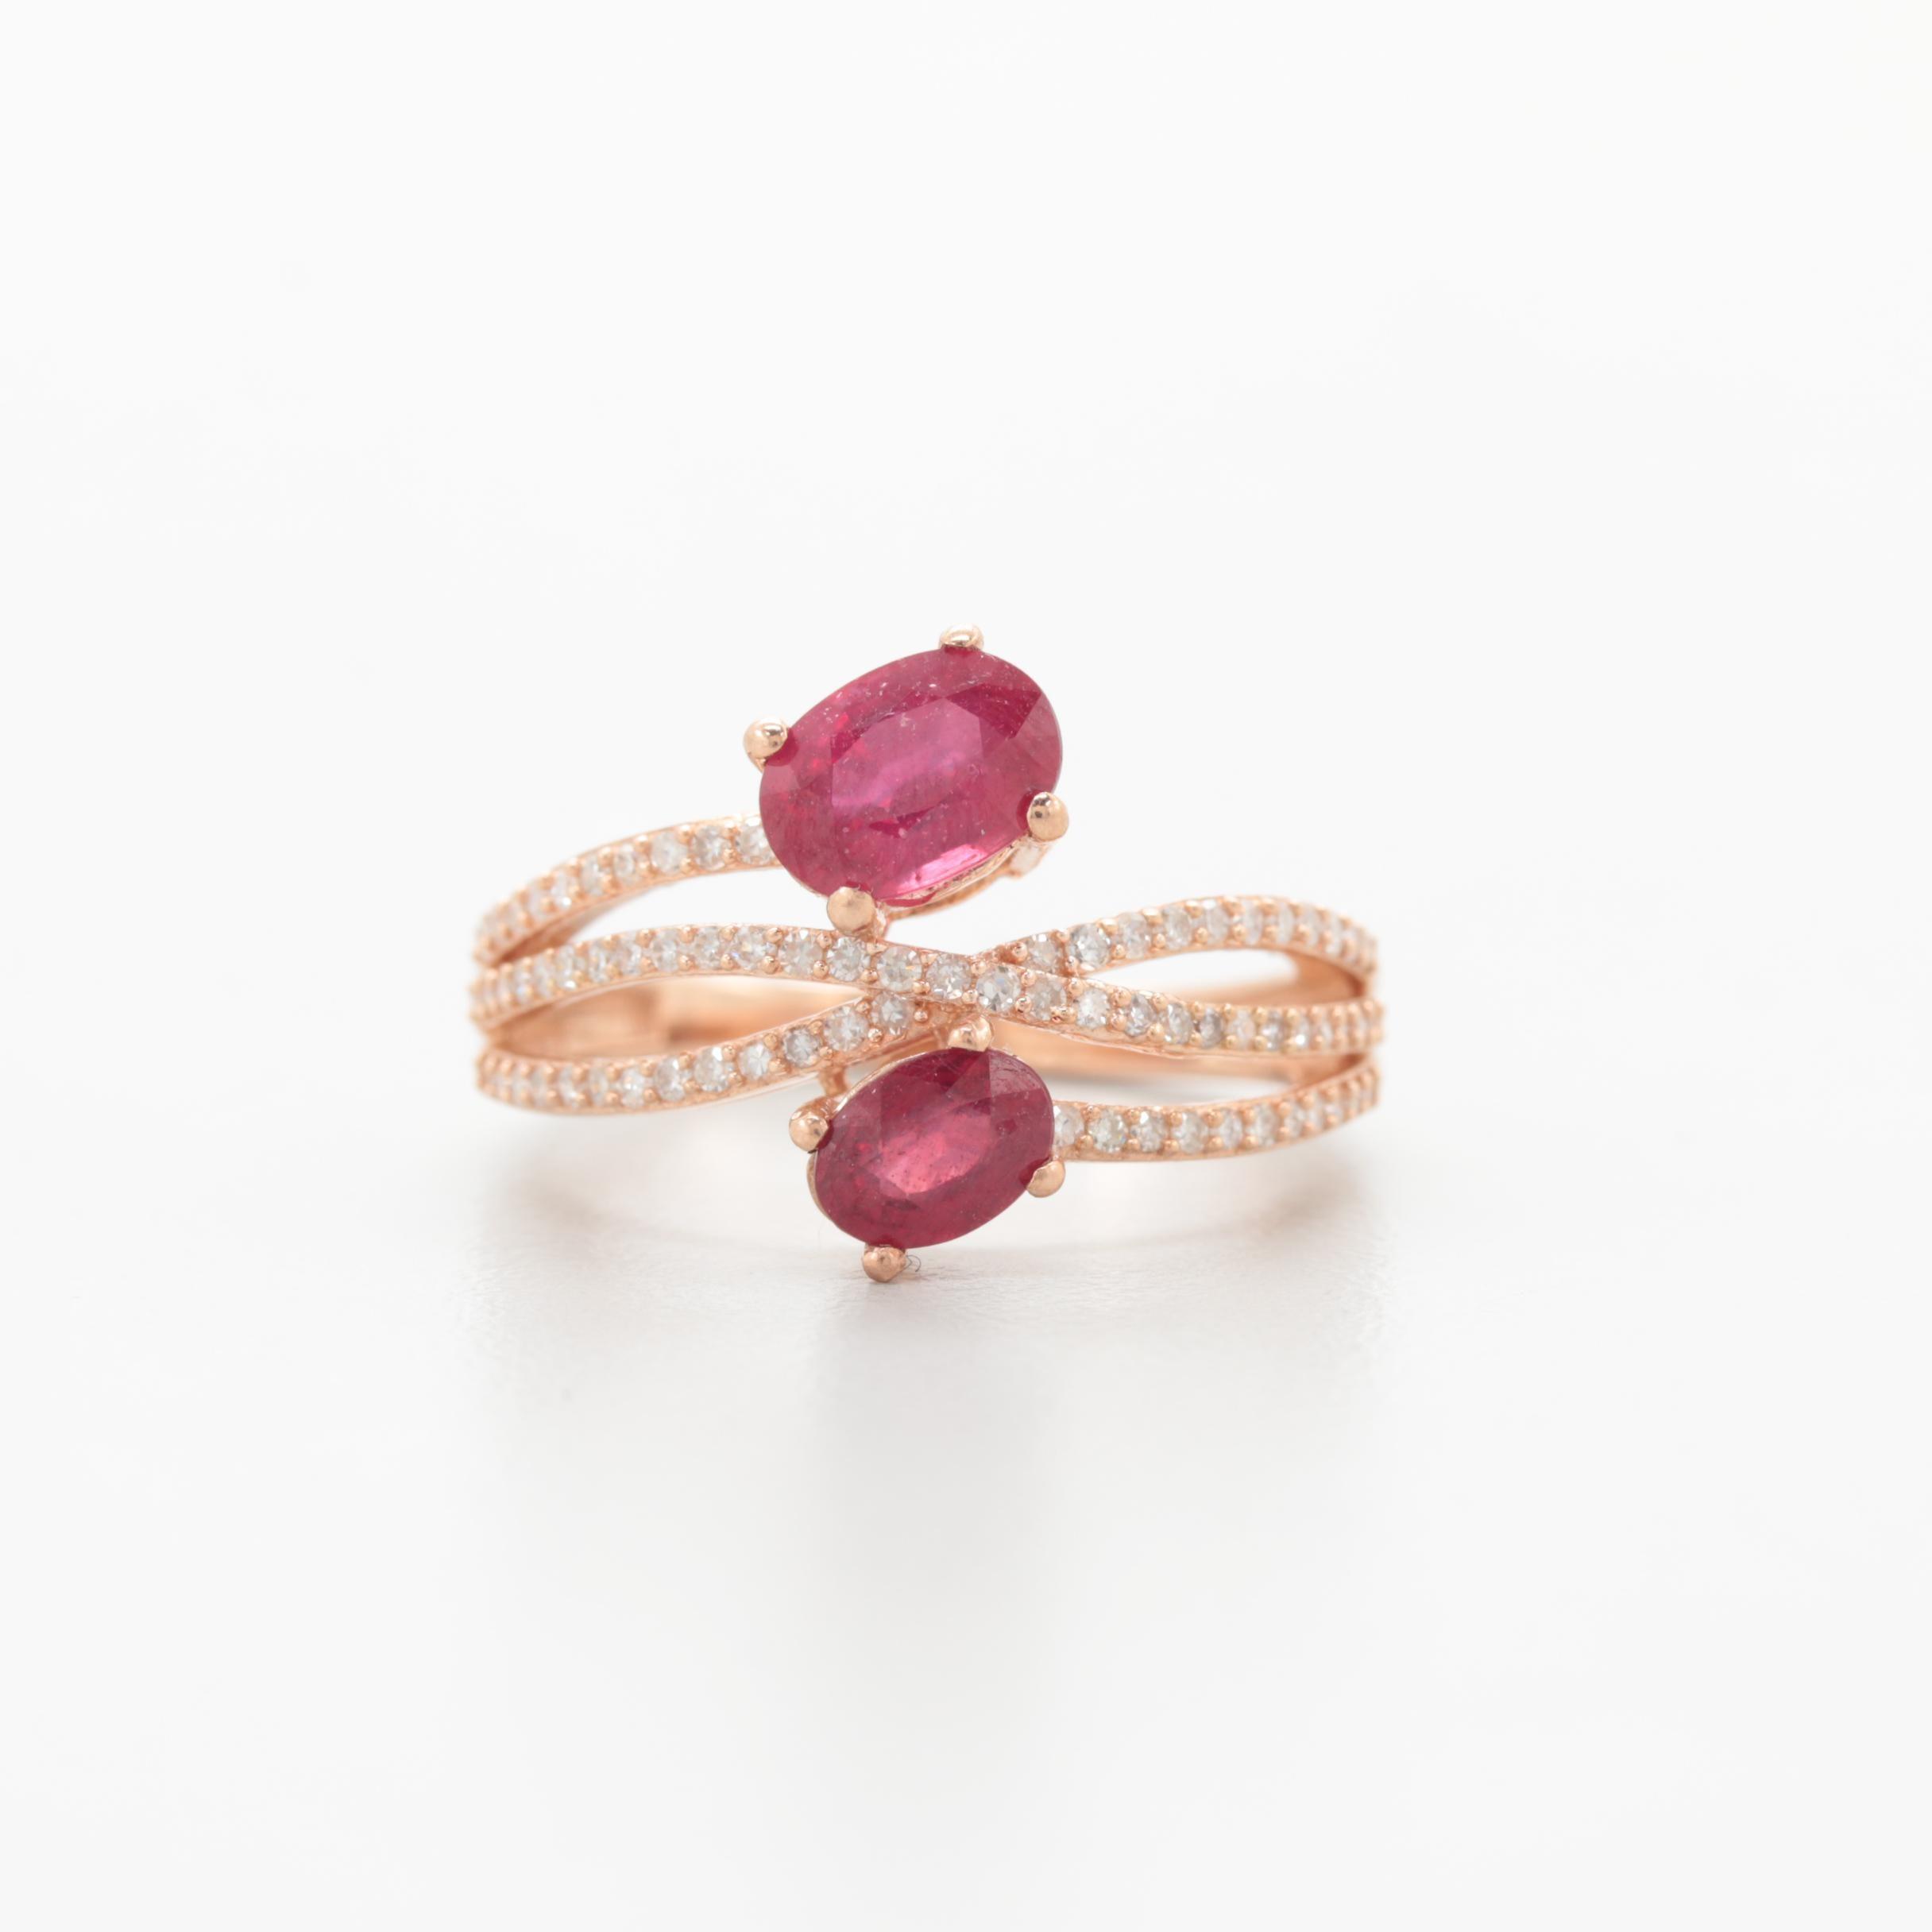 10K Rose Gold Filled Corundum and Diamond Ring